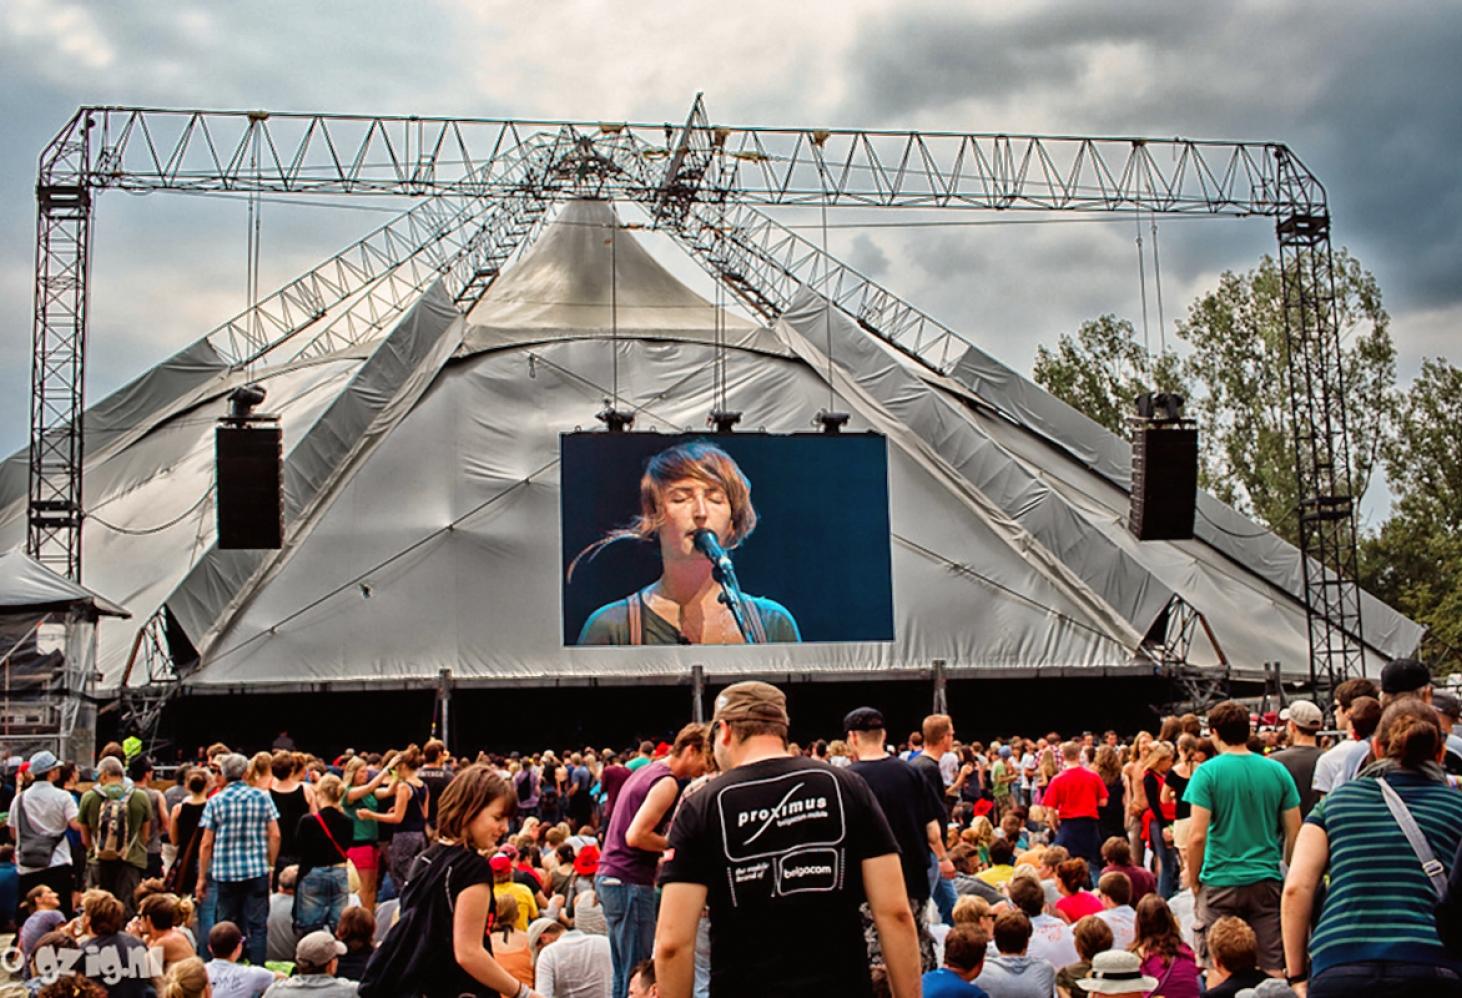 Rock Werchter (Бельгия, конец июня-начало июля)